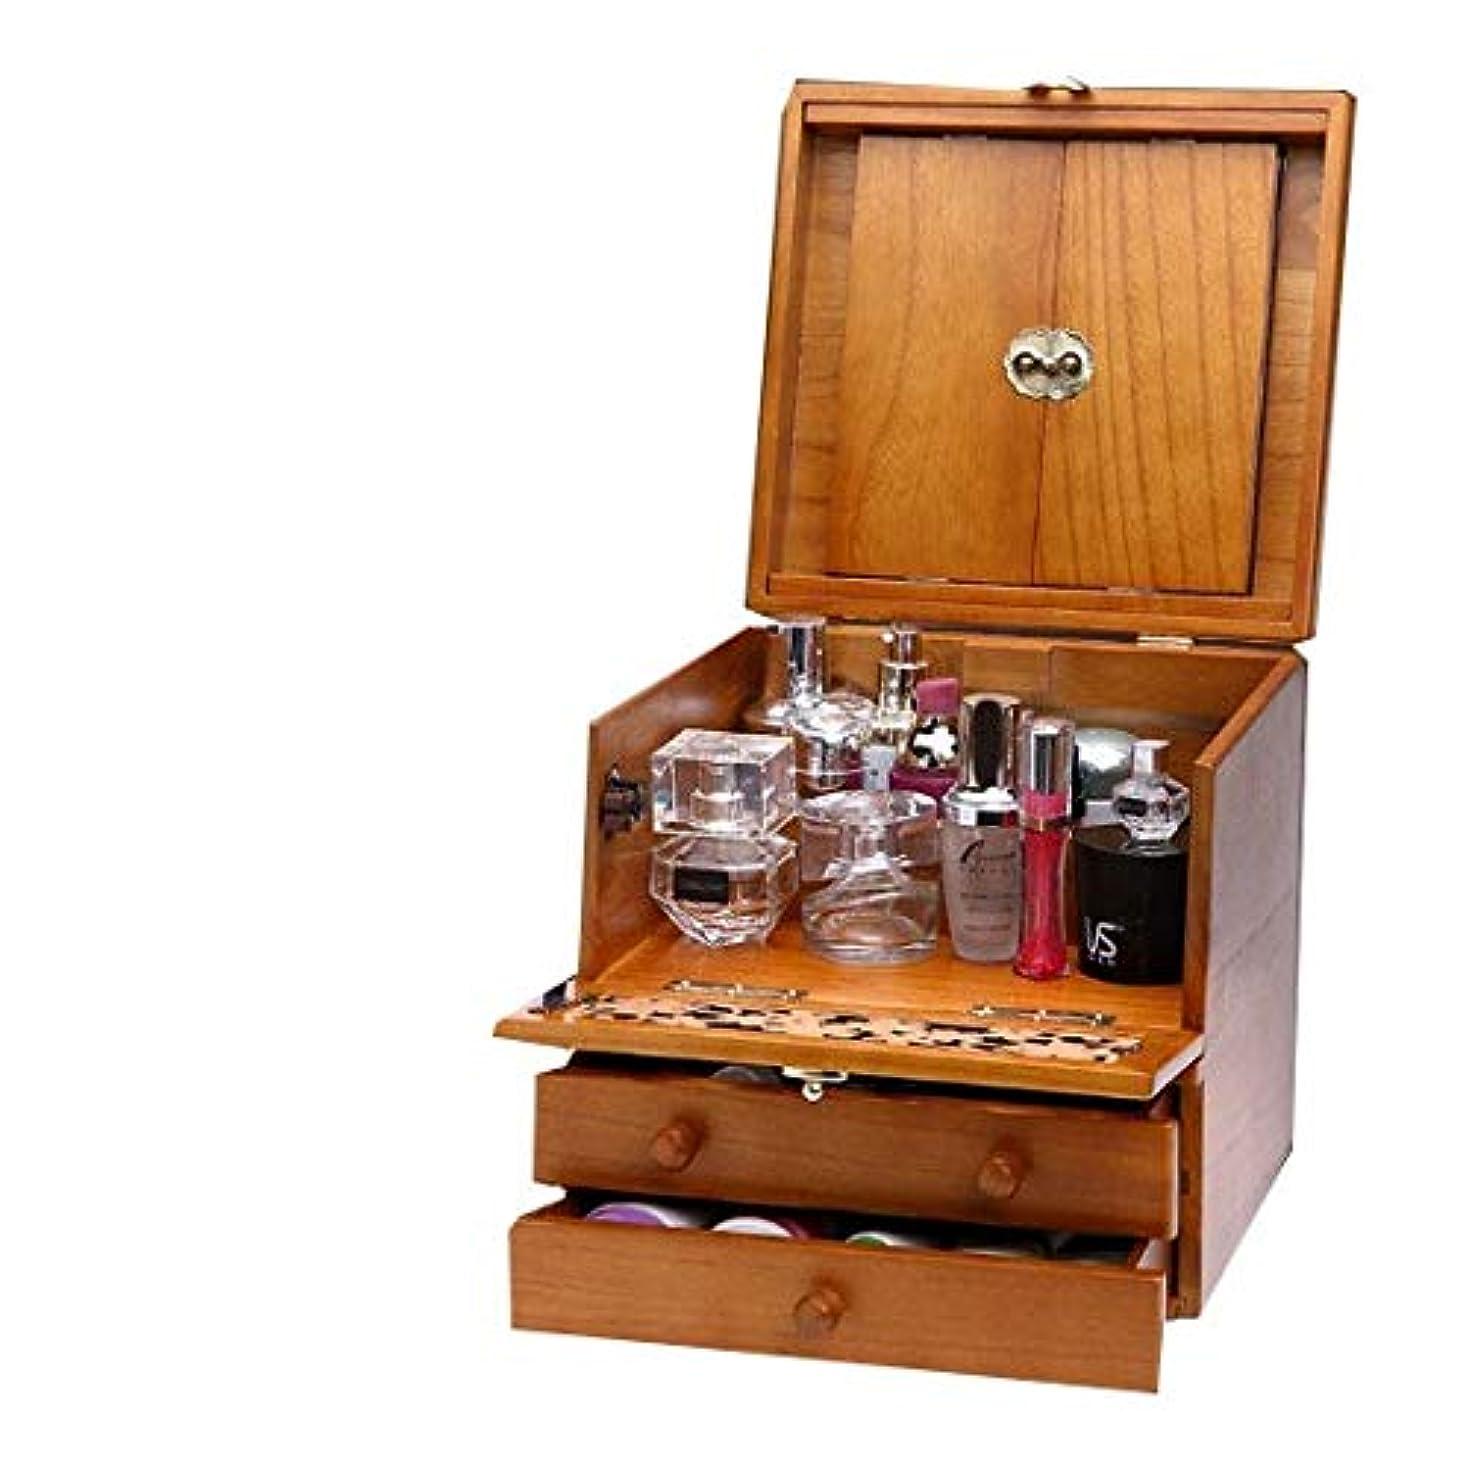 コイン鷹エンターテインメント化粧箱、3層レトロ木製彫刻化粧ケース付きミラー、ハイエンドのウェディングギフト、新築祝いのギフト、美容ネイルジュエリー収納ボックス